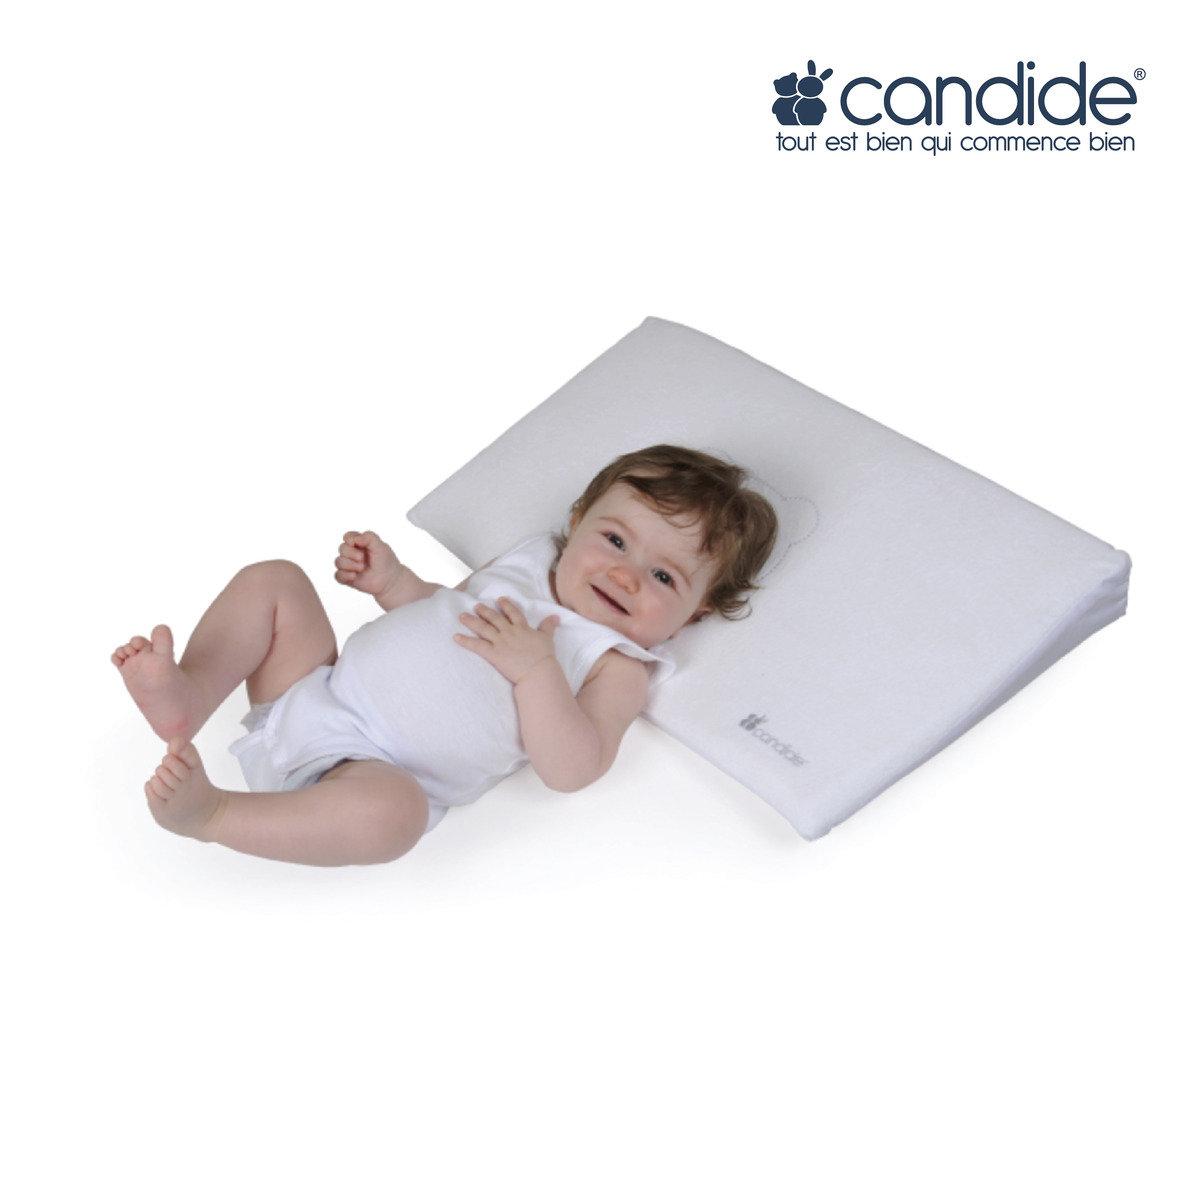 15° 嬰兒斜枕 (65x35x8cm)